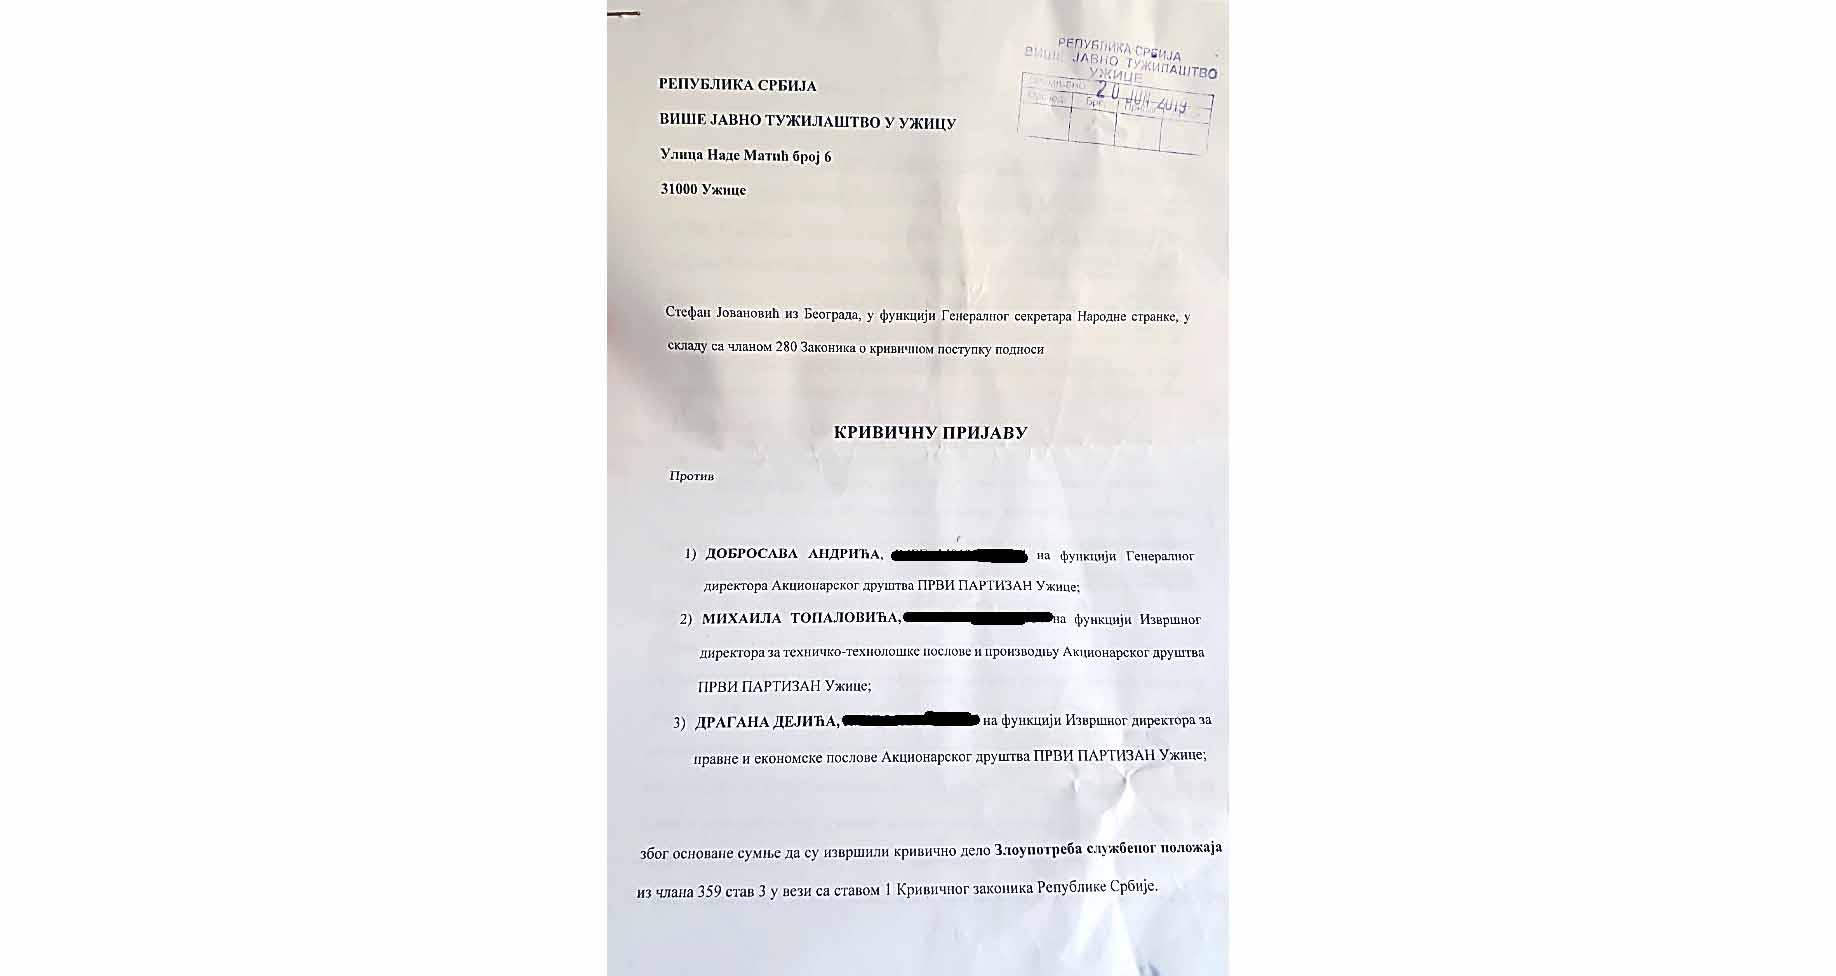 """Народна странка поднела кривичну пријаву против управе """"Првог партизана"""" из Ужица"""